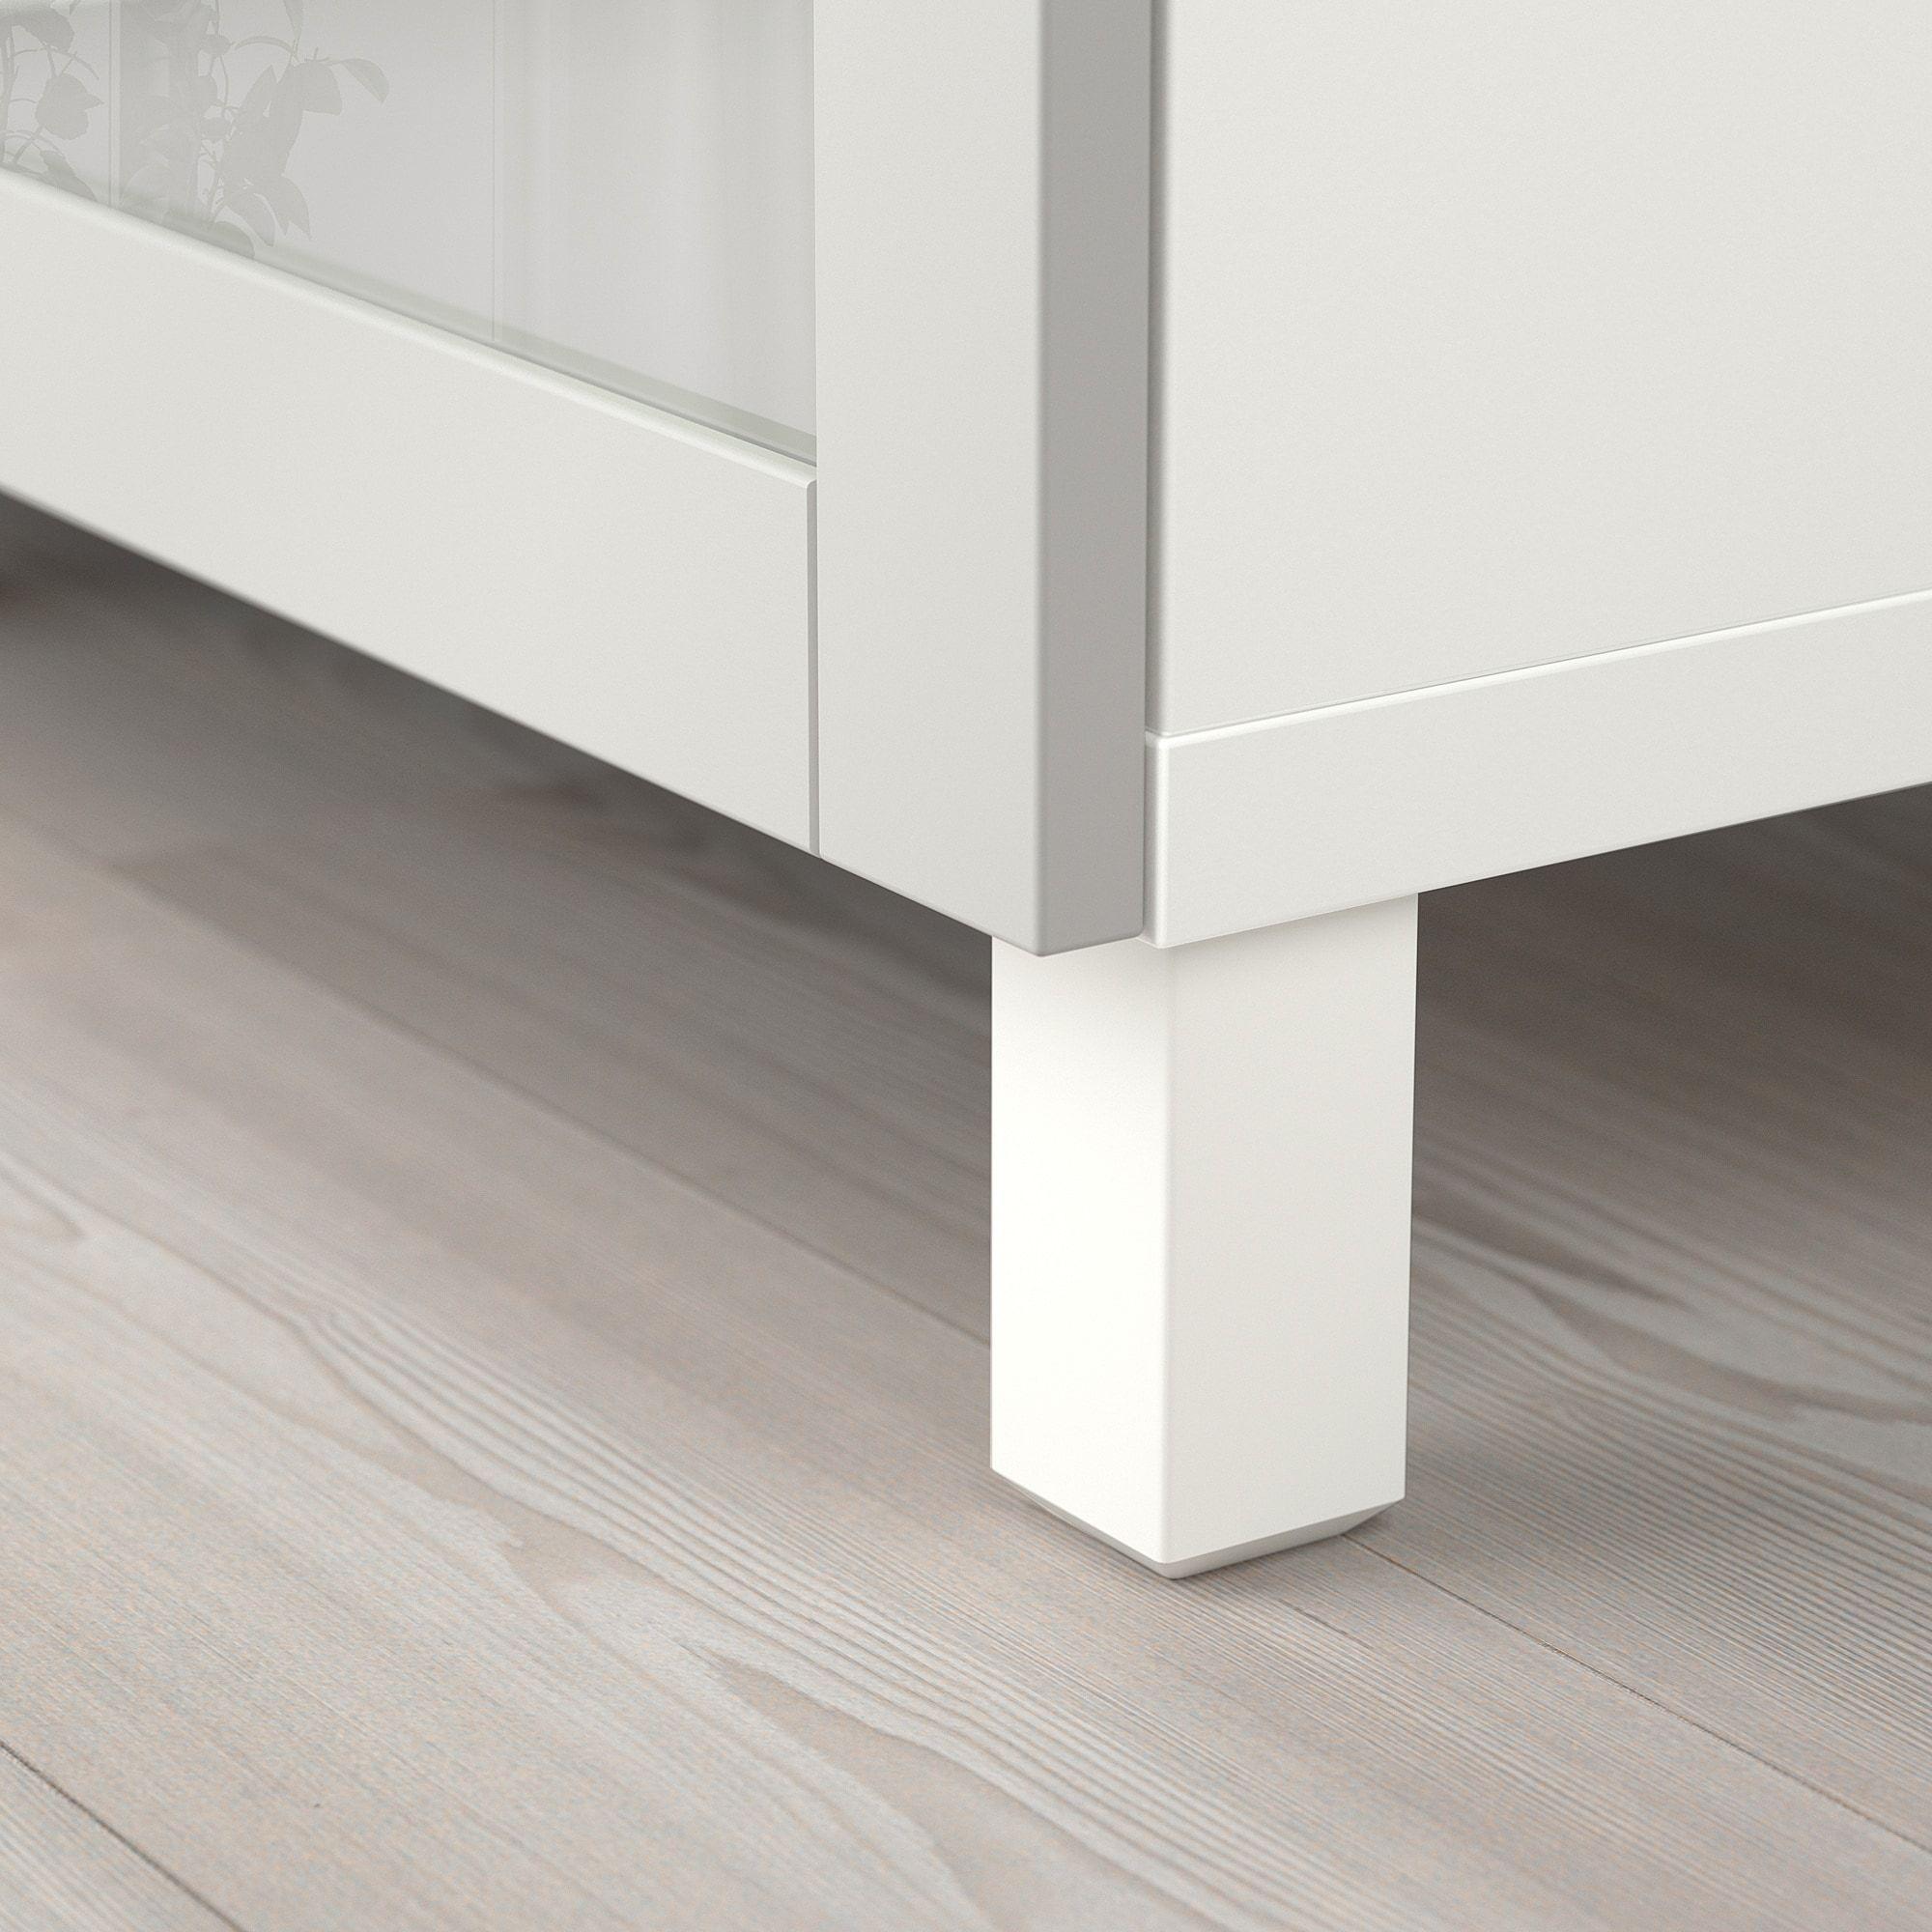 Besta Aufbewahrung Mit Turen Weiss Sindvik Klarglas H Grau Weisse Turen Aufbewahrung Und Ikea